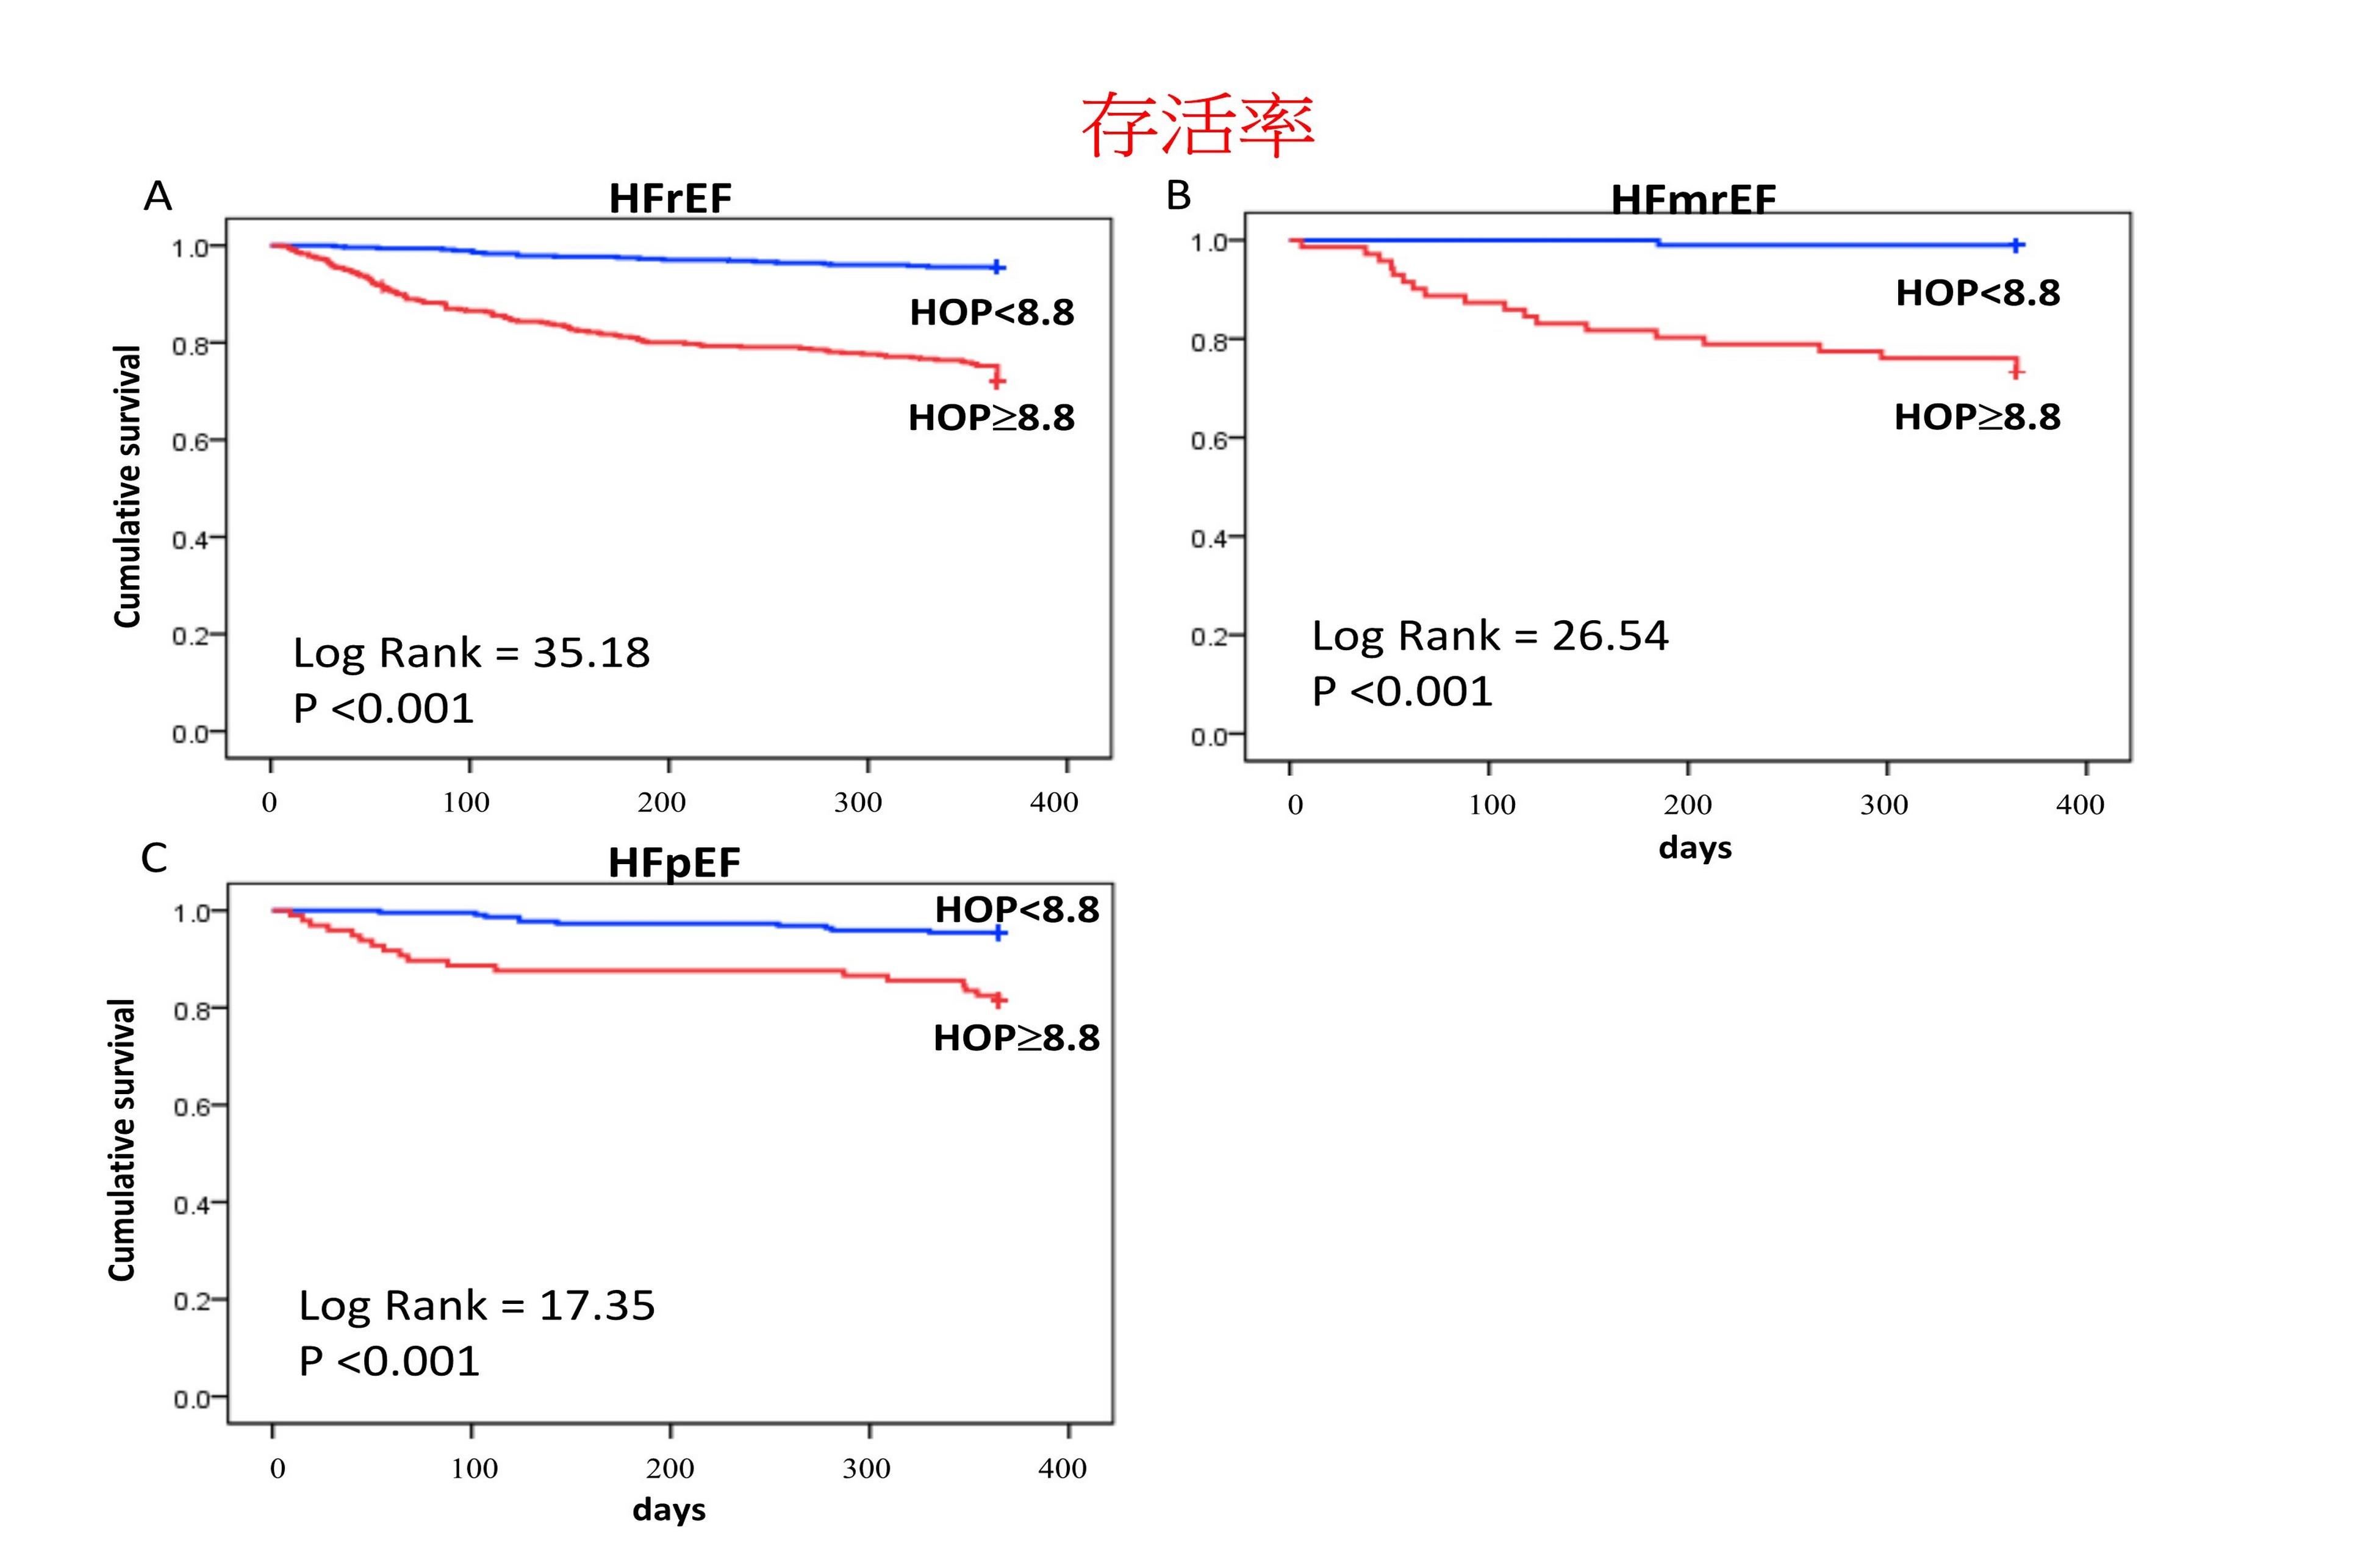 在門診長期追蹤治療中的各類病人,雖然病人自覺狀況良好,若H&H MAP異常(紅線),惡化風險較高(存活率較低),應盡早採用進階醫療策略。